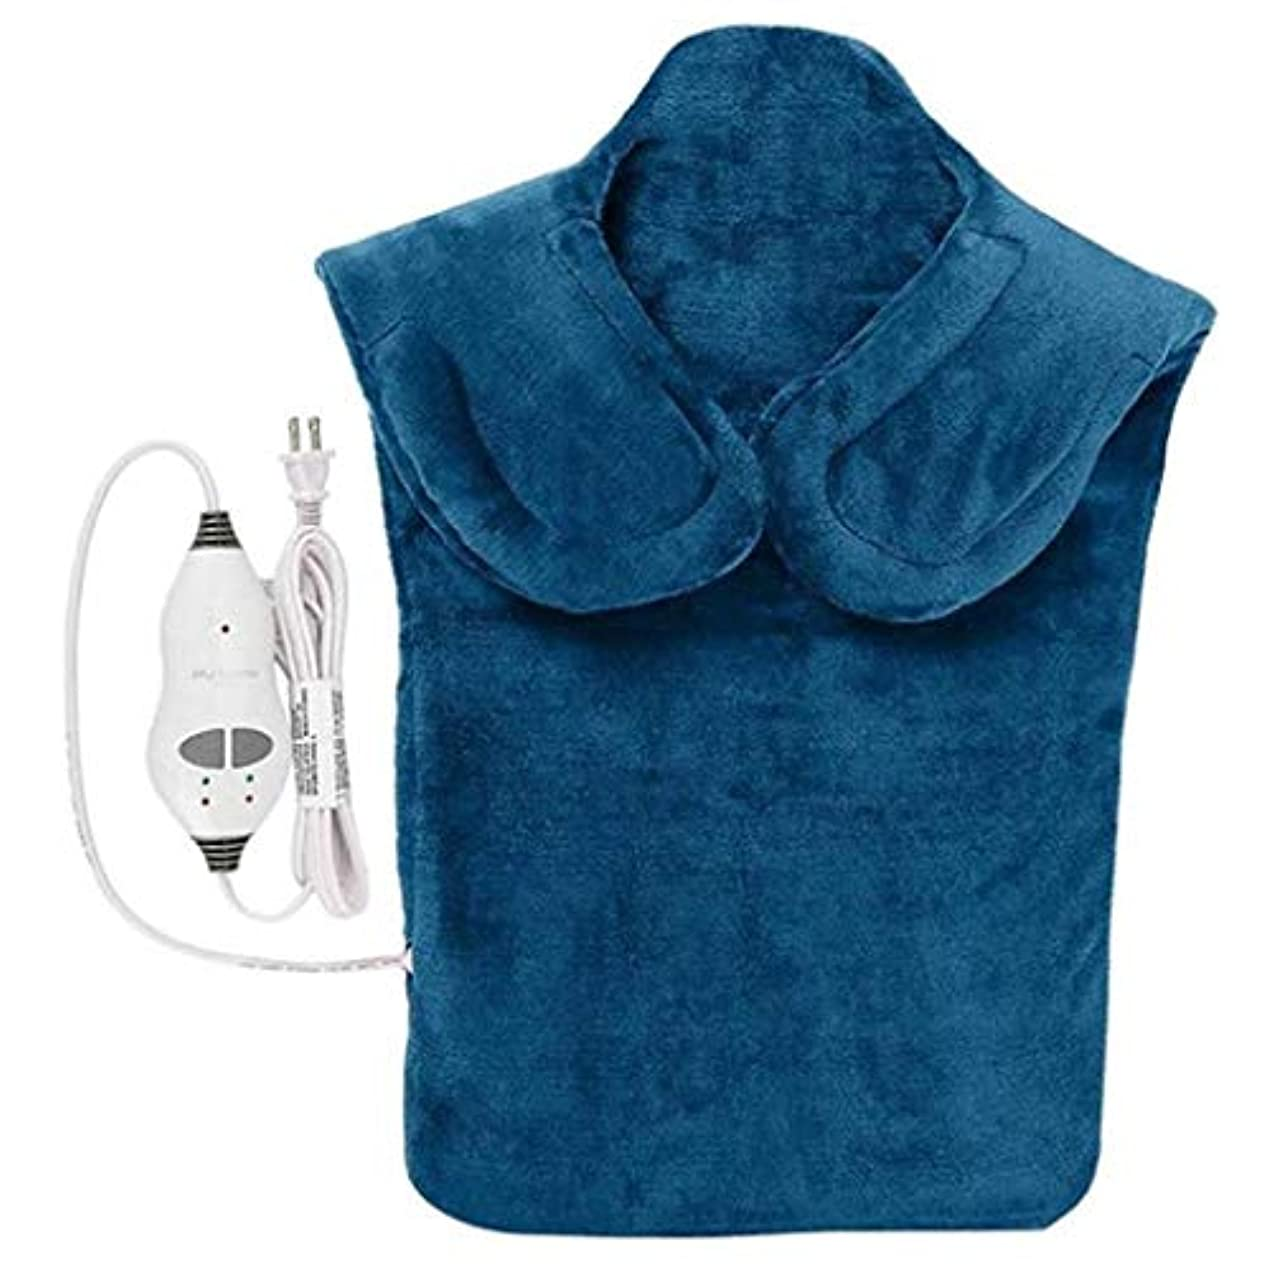 ルネッサンス魂レパートリーネックマッサージャー、電気マッサージ器、首暖房パッド、フランネルヘルスケアパッケージ首/肩/戻る血液循環を促進、筋肉の痛みを和らげる、暖かい保つために (Color : 青, Size : One size)